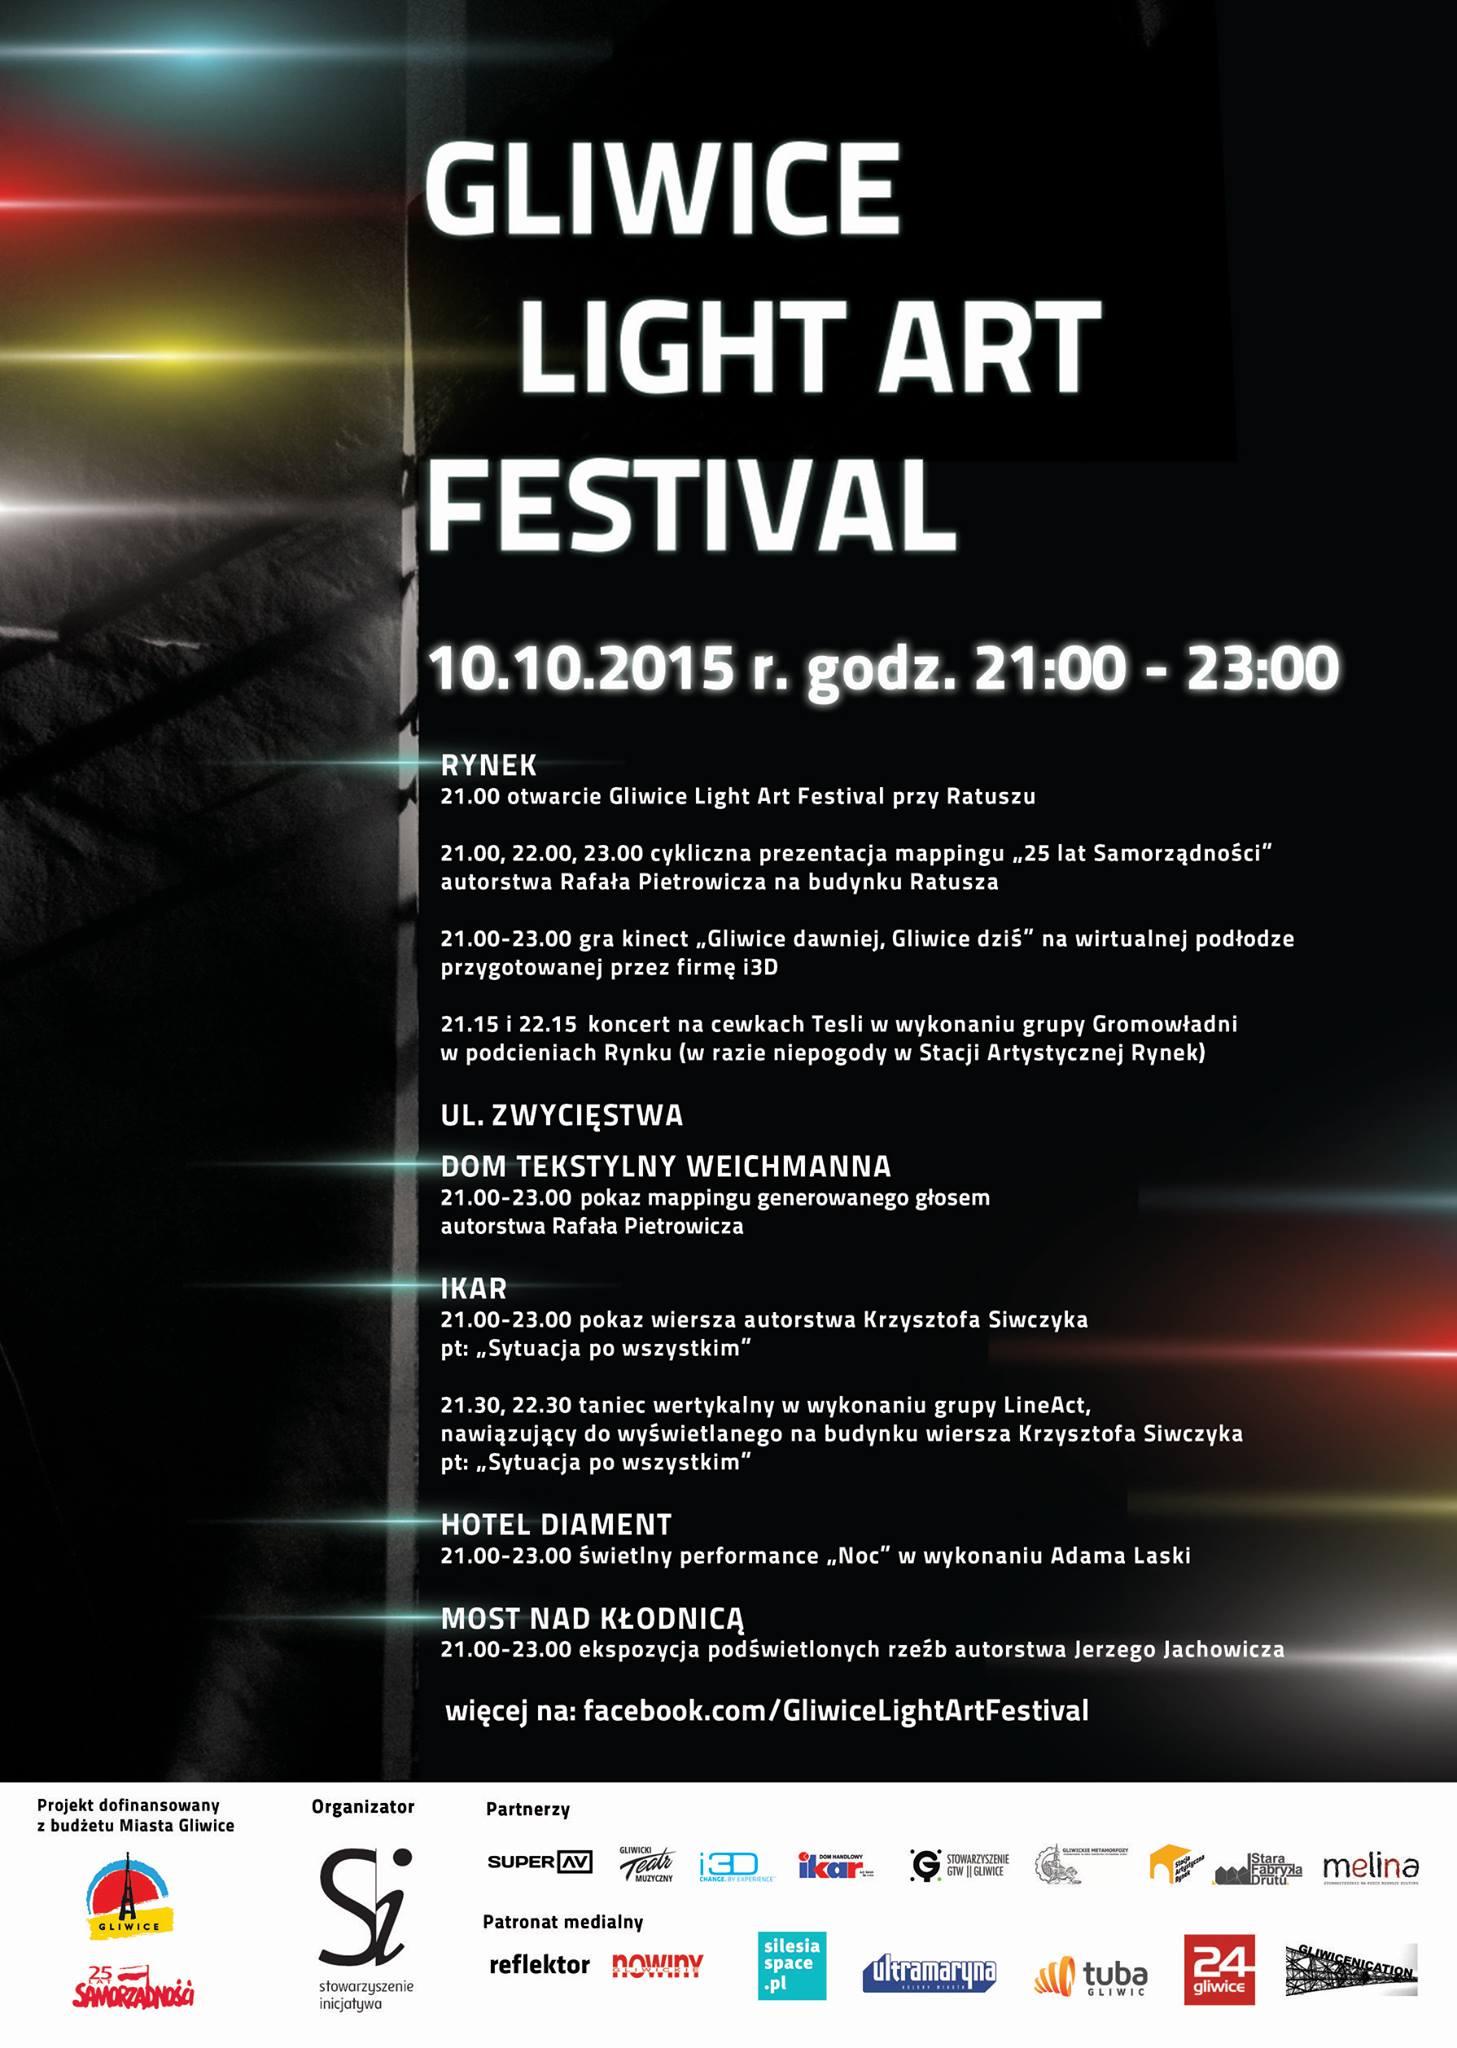 Gliwice Light Art Festival plakat